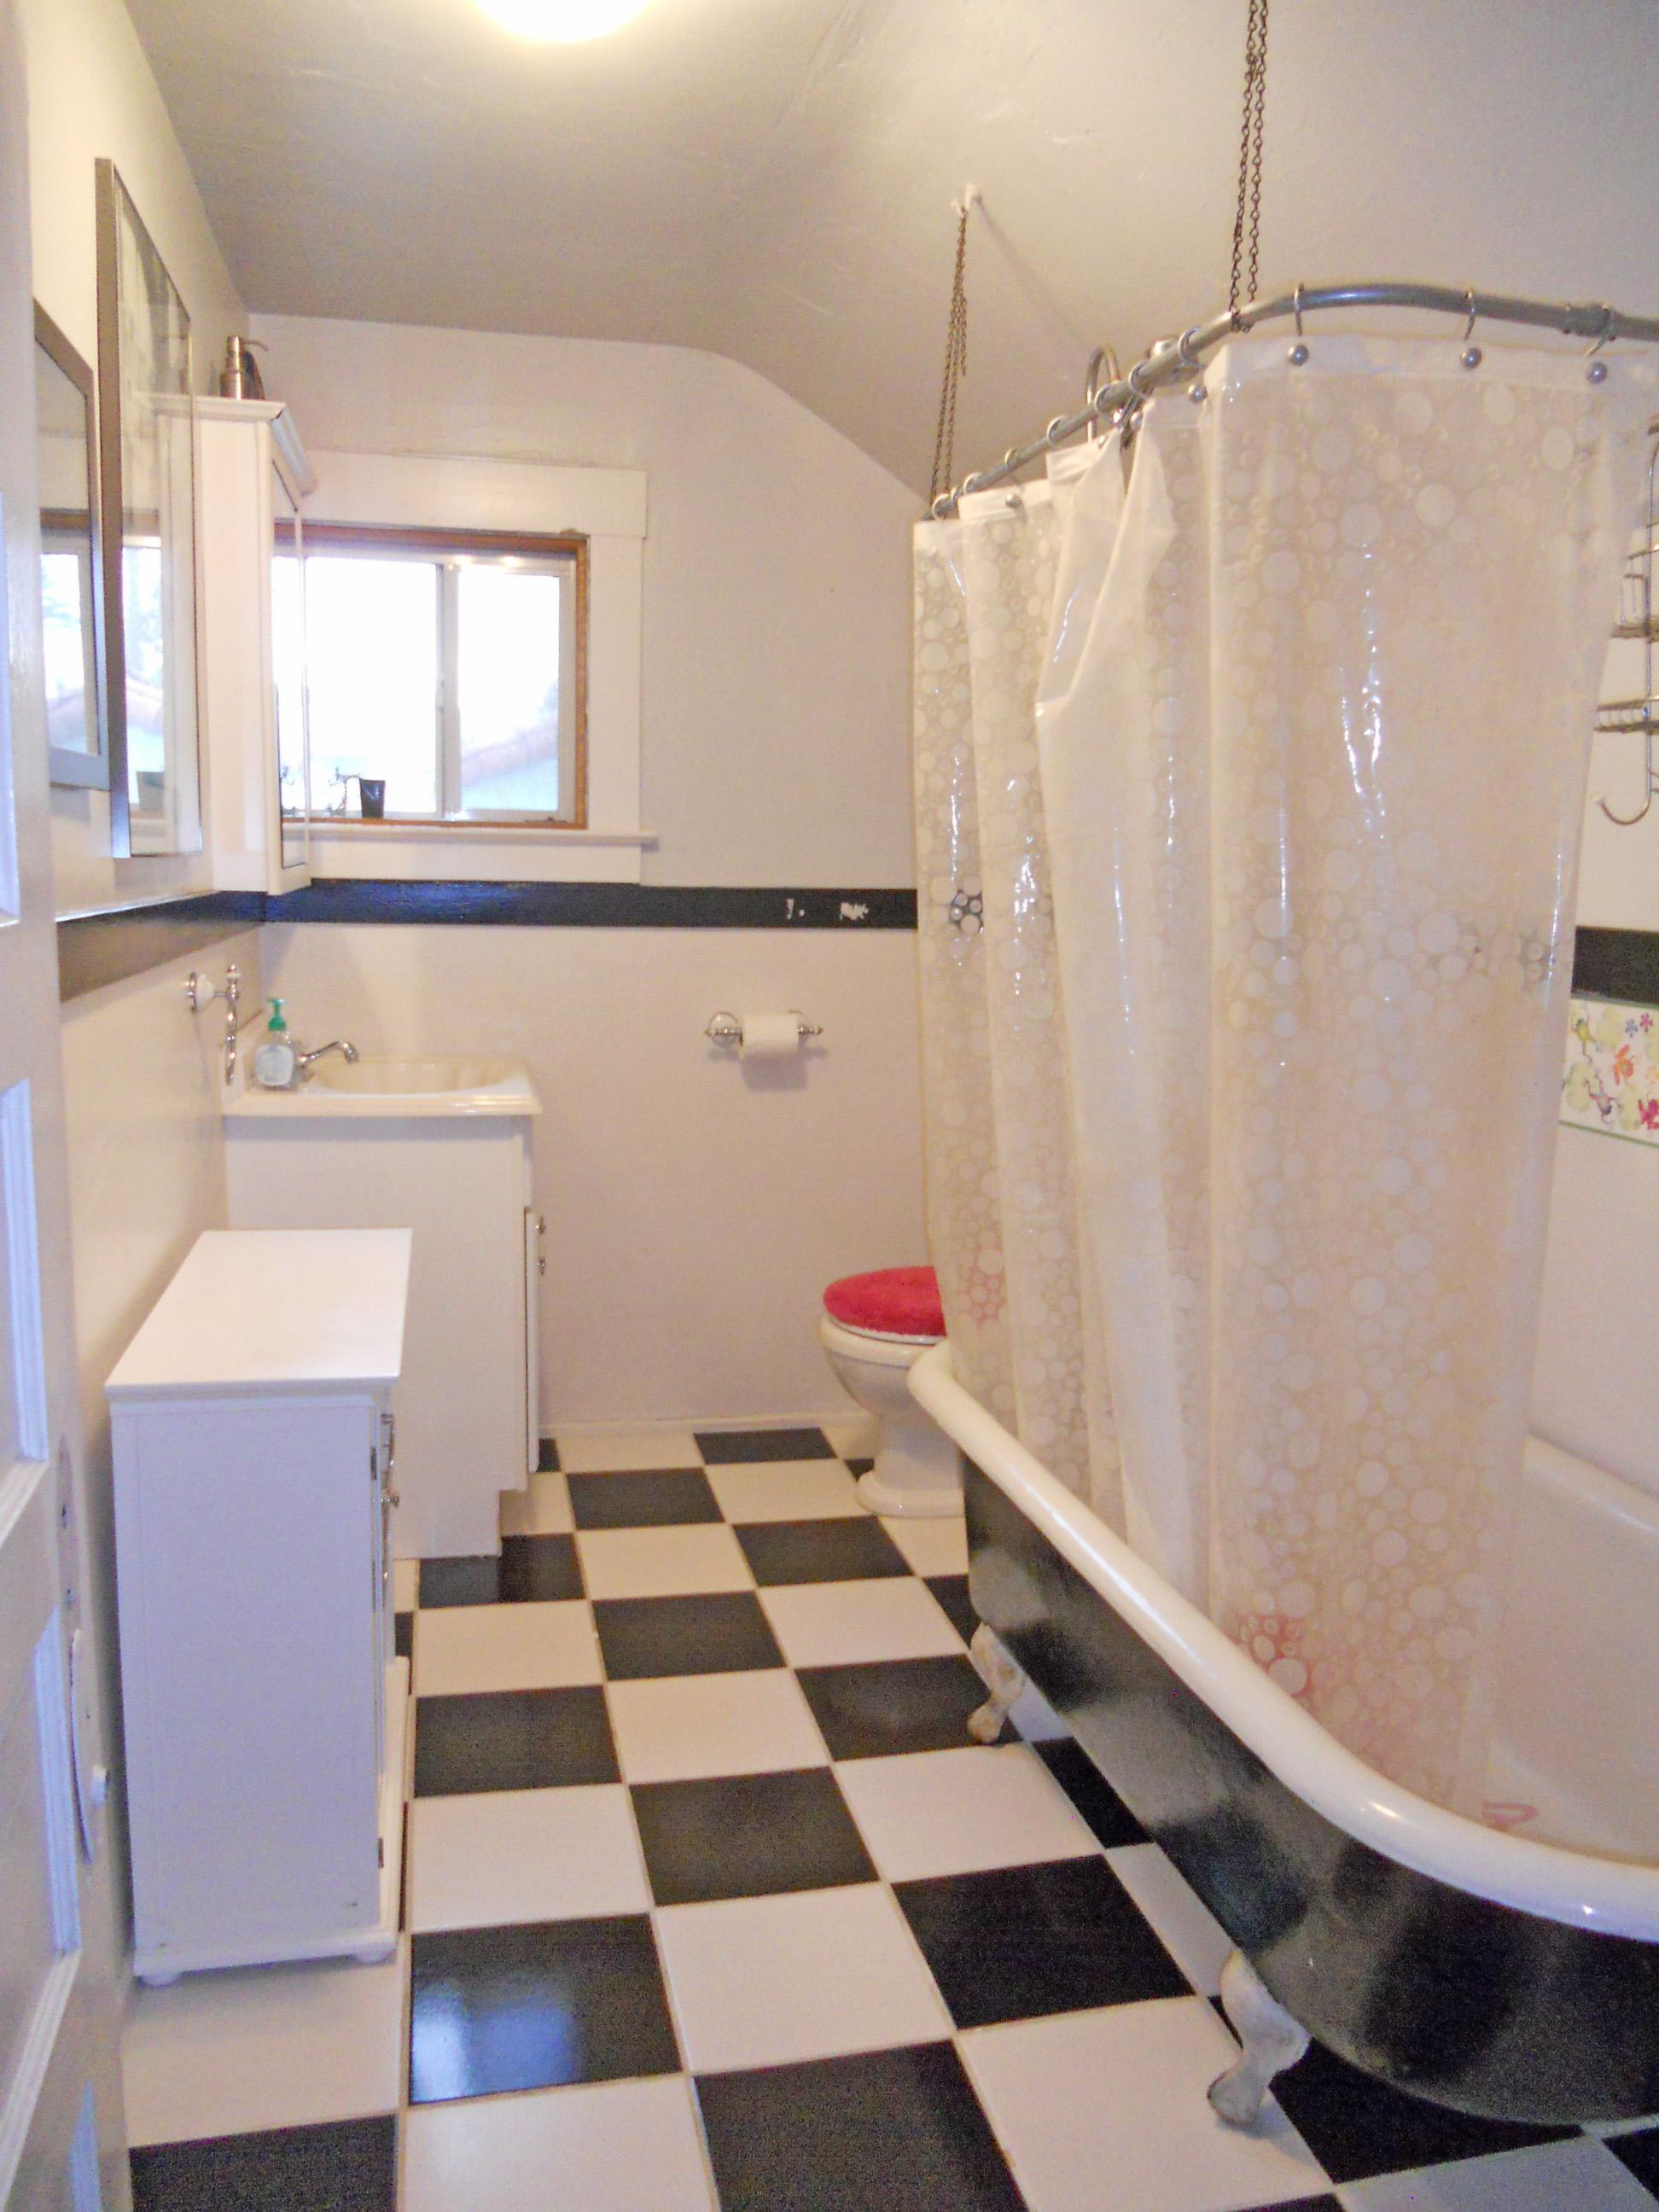 Upstairs bathroom with clawfoot tub.